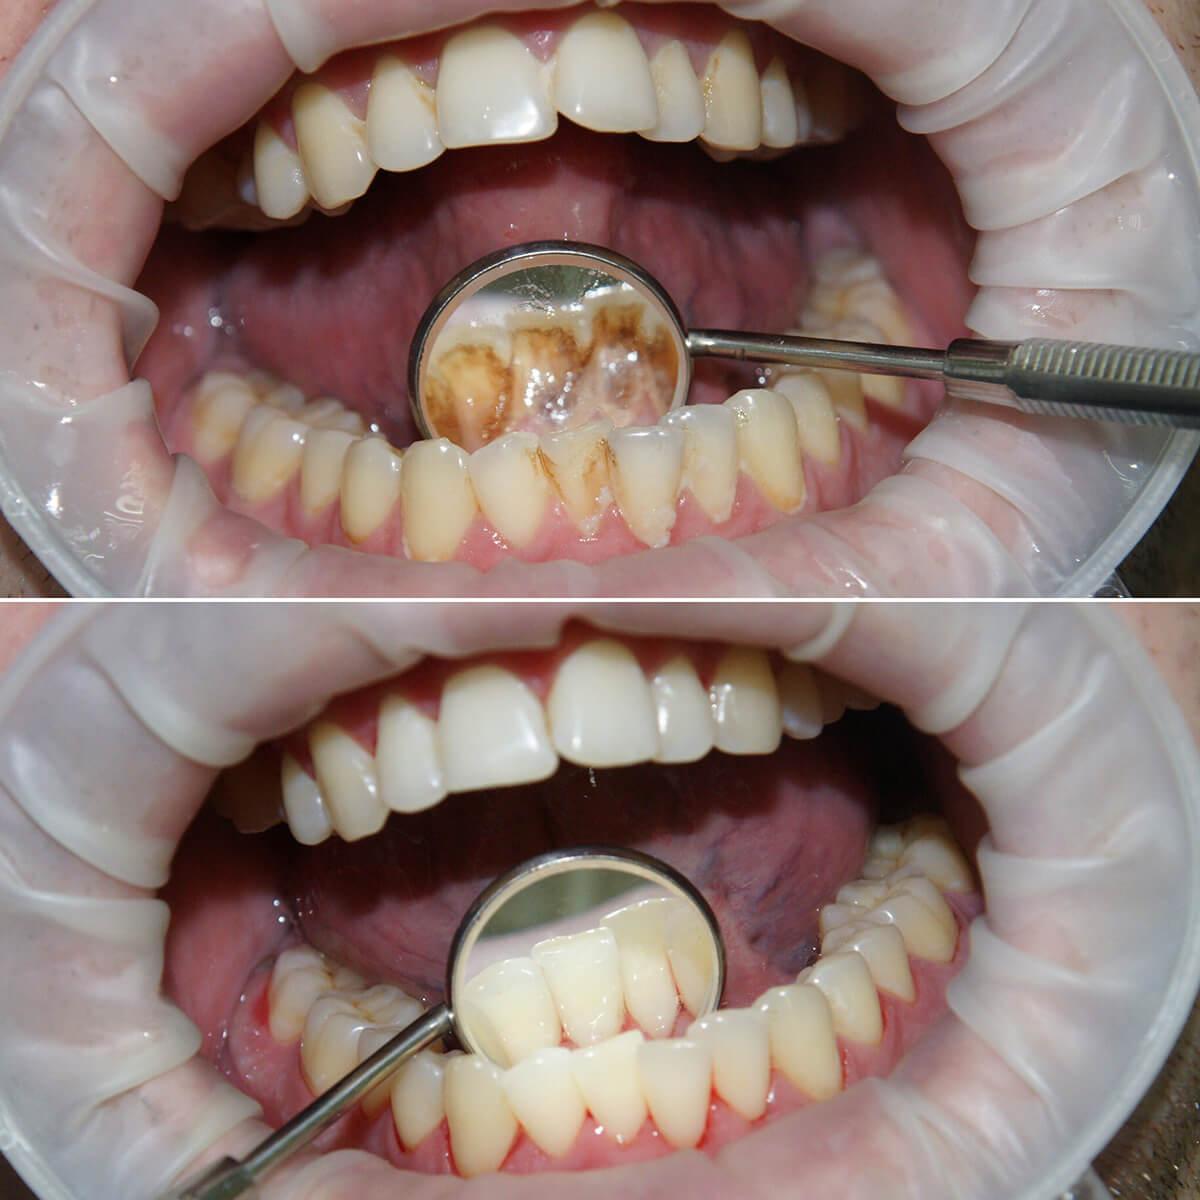 профессиональная чистка зубного камня в Одессе